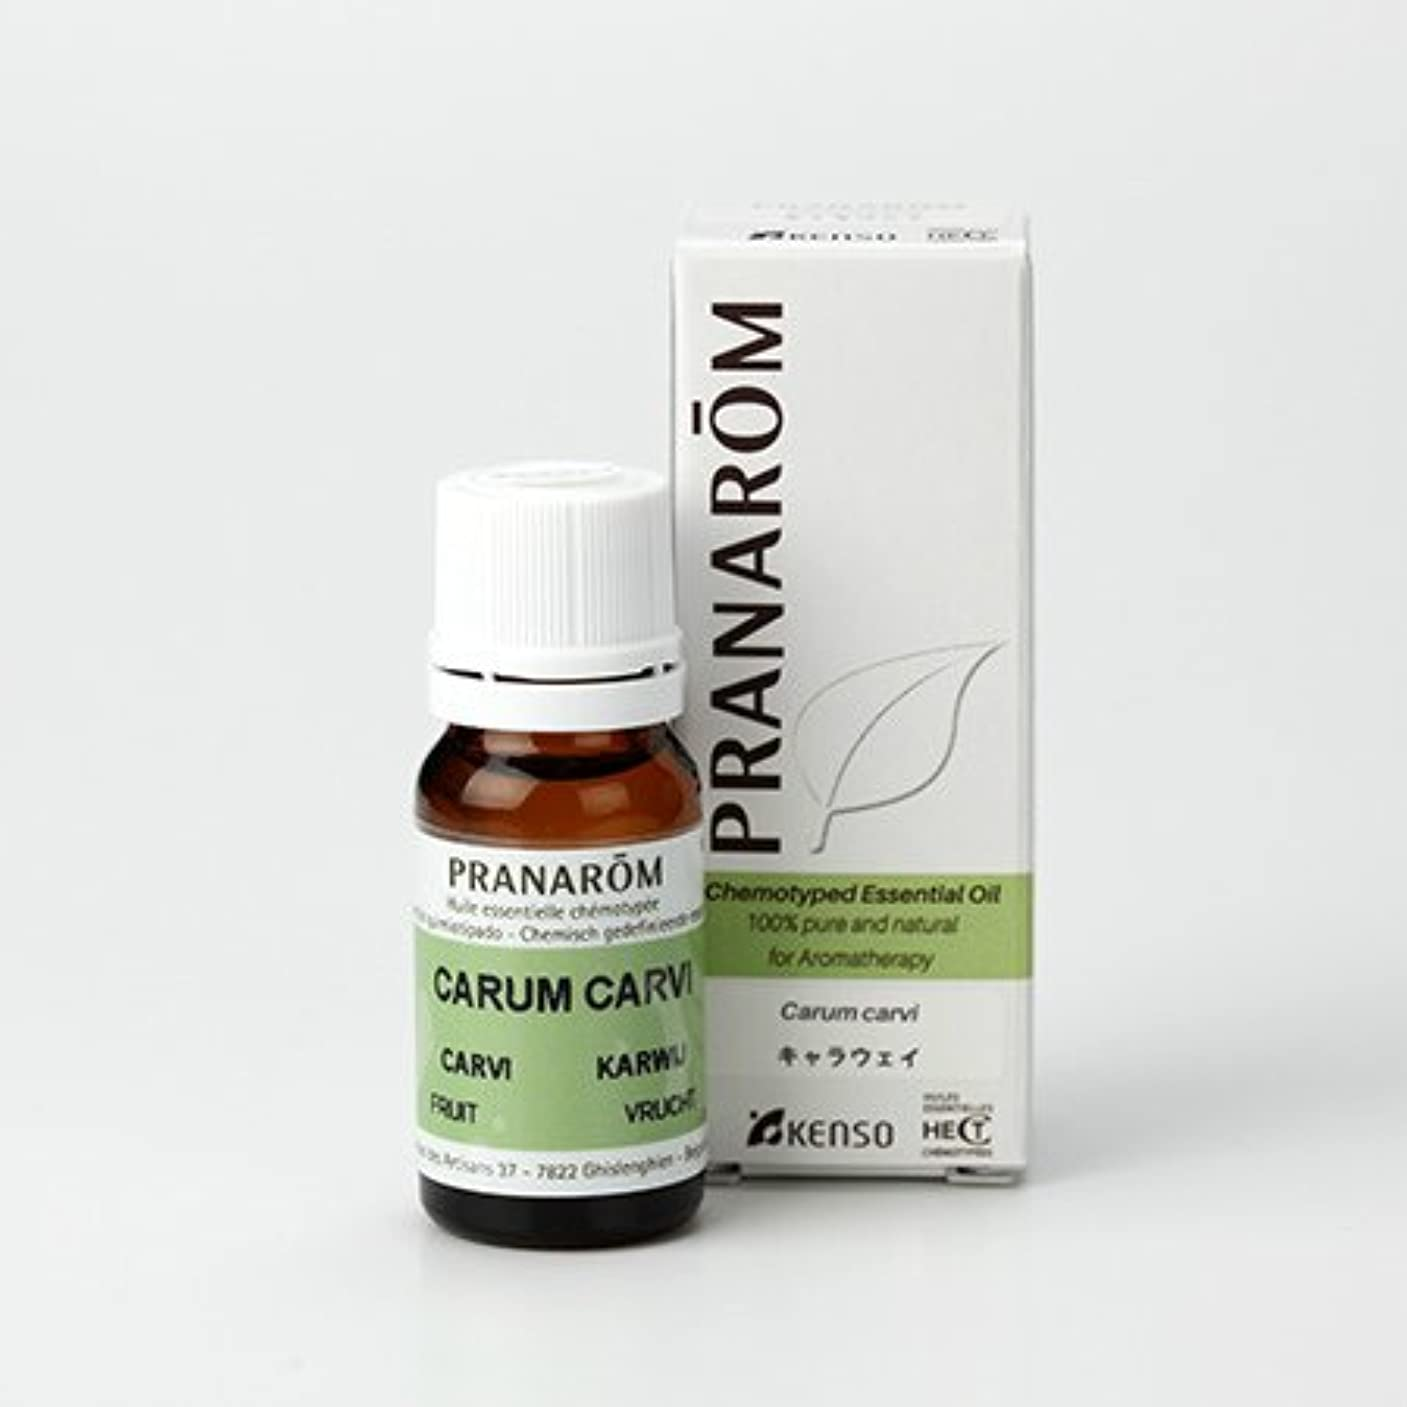 プロテスタント繊毛死ぬプラナロム キャラウェイ 10ml (PRANAROM ケモタイプ精油)